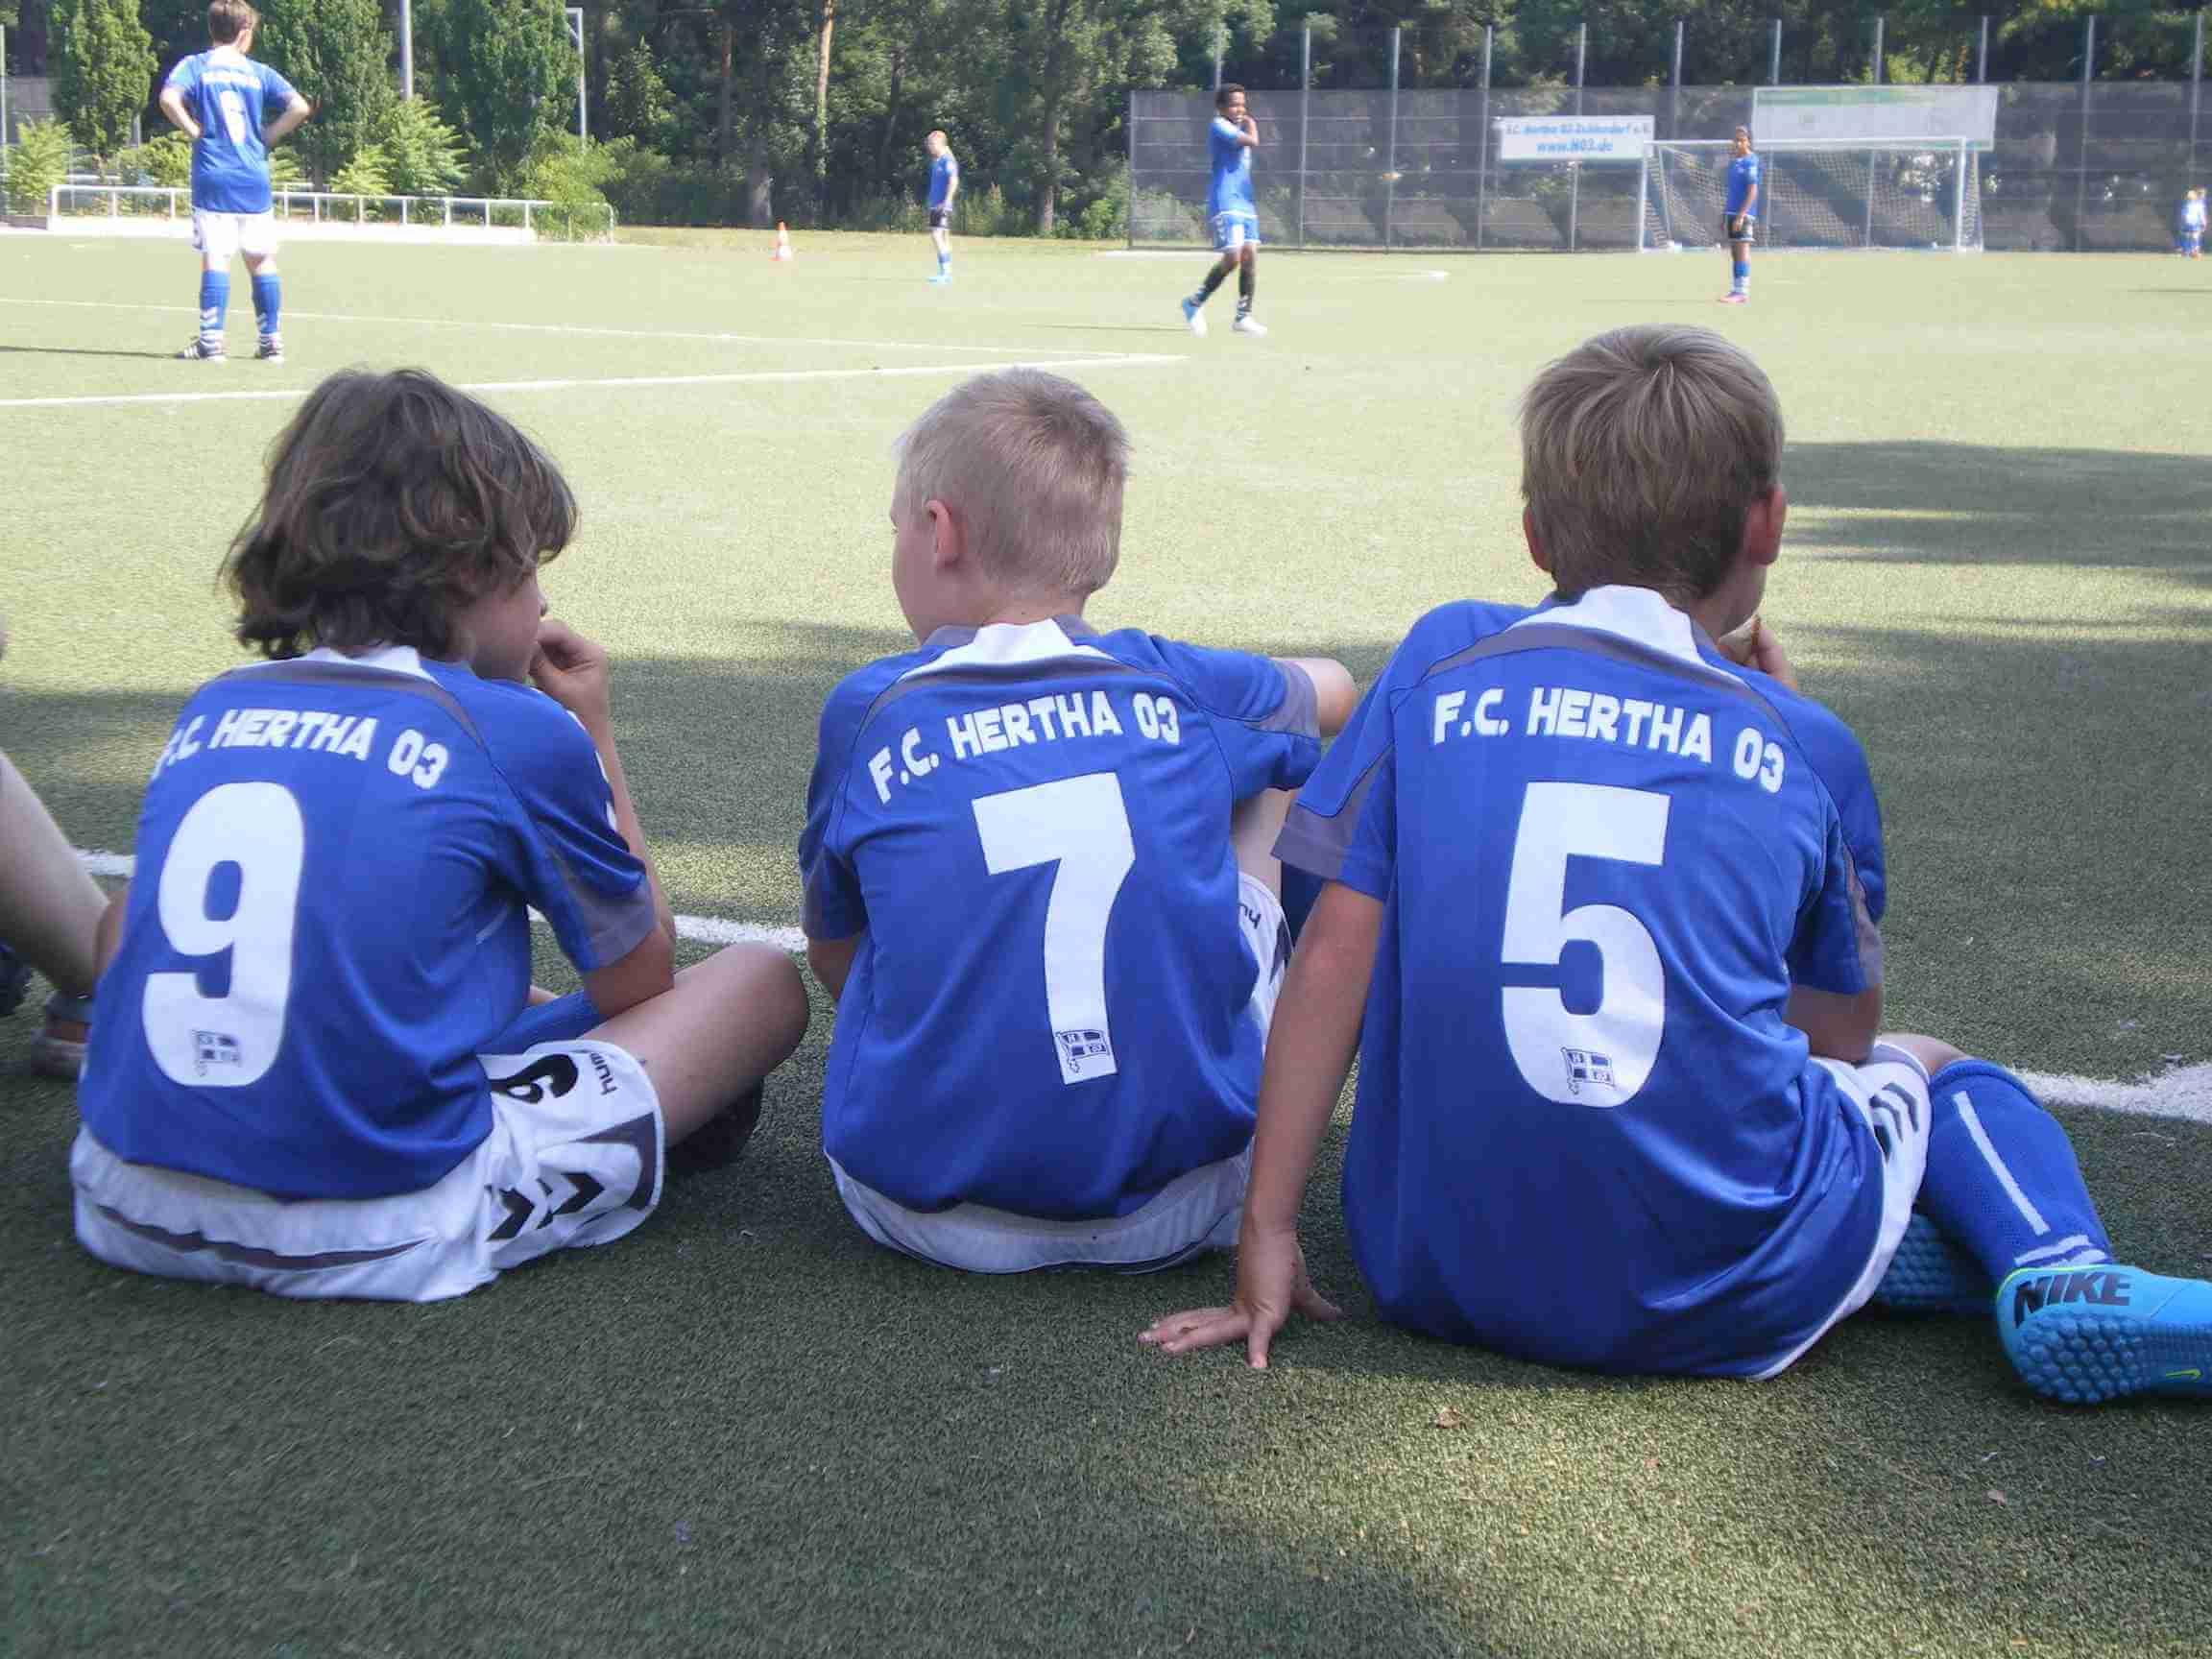 Ausgleich in letzter Minute, aber unrühmlicher Abgang: Hertha 03 spielt gegen TeBe 1:1